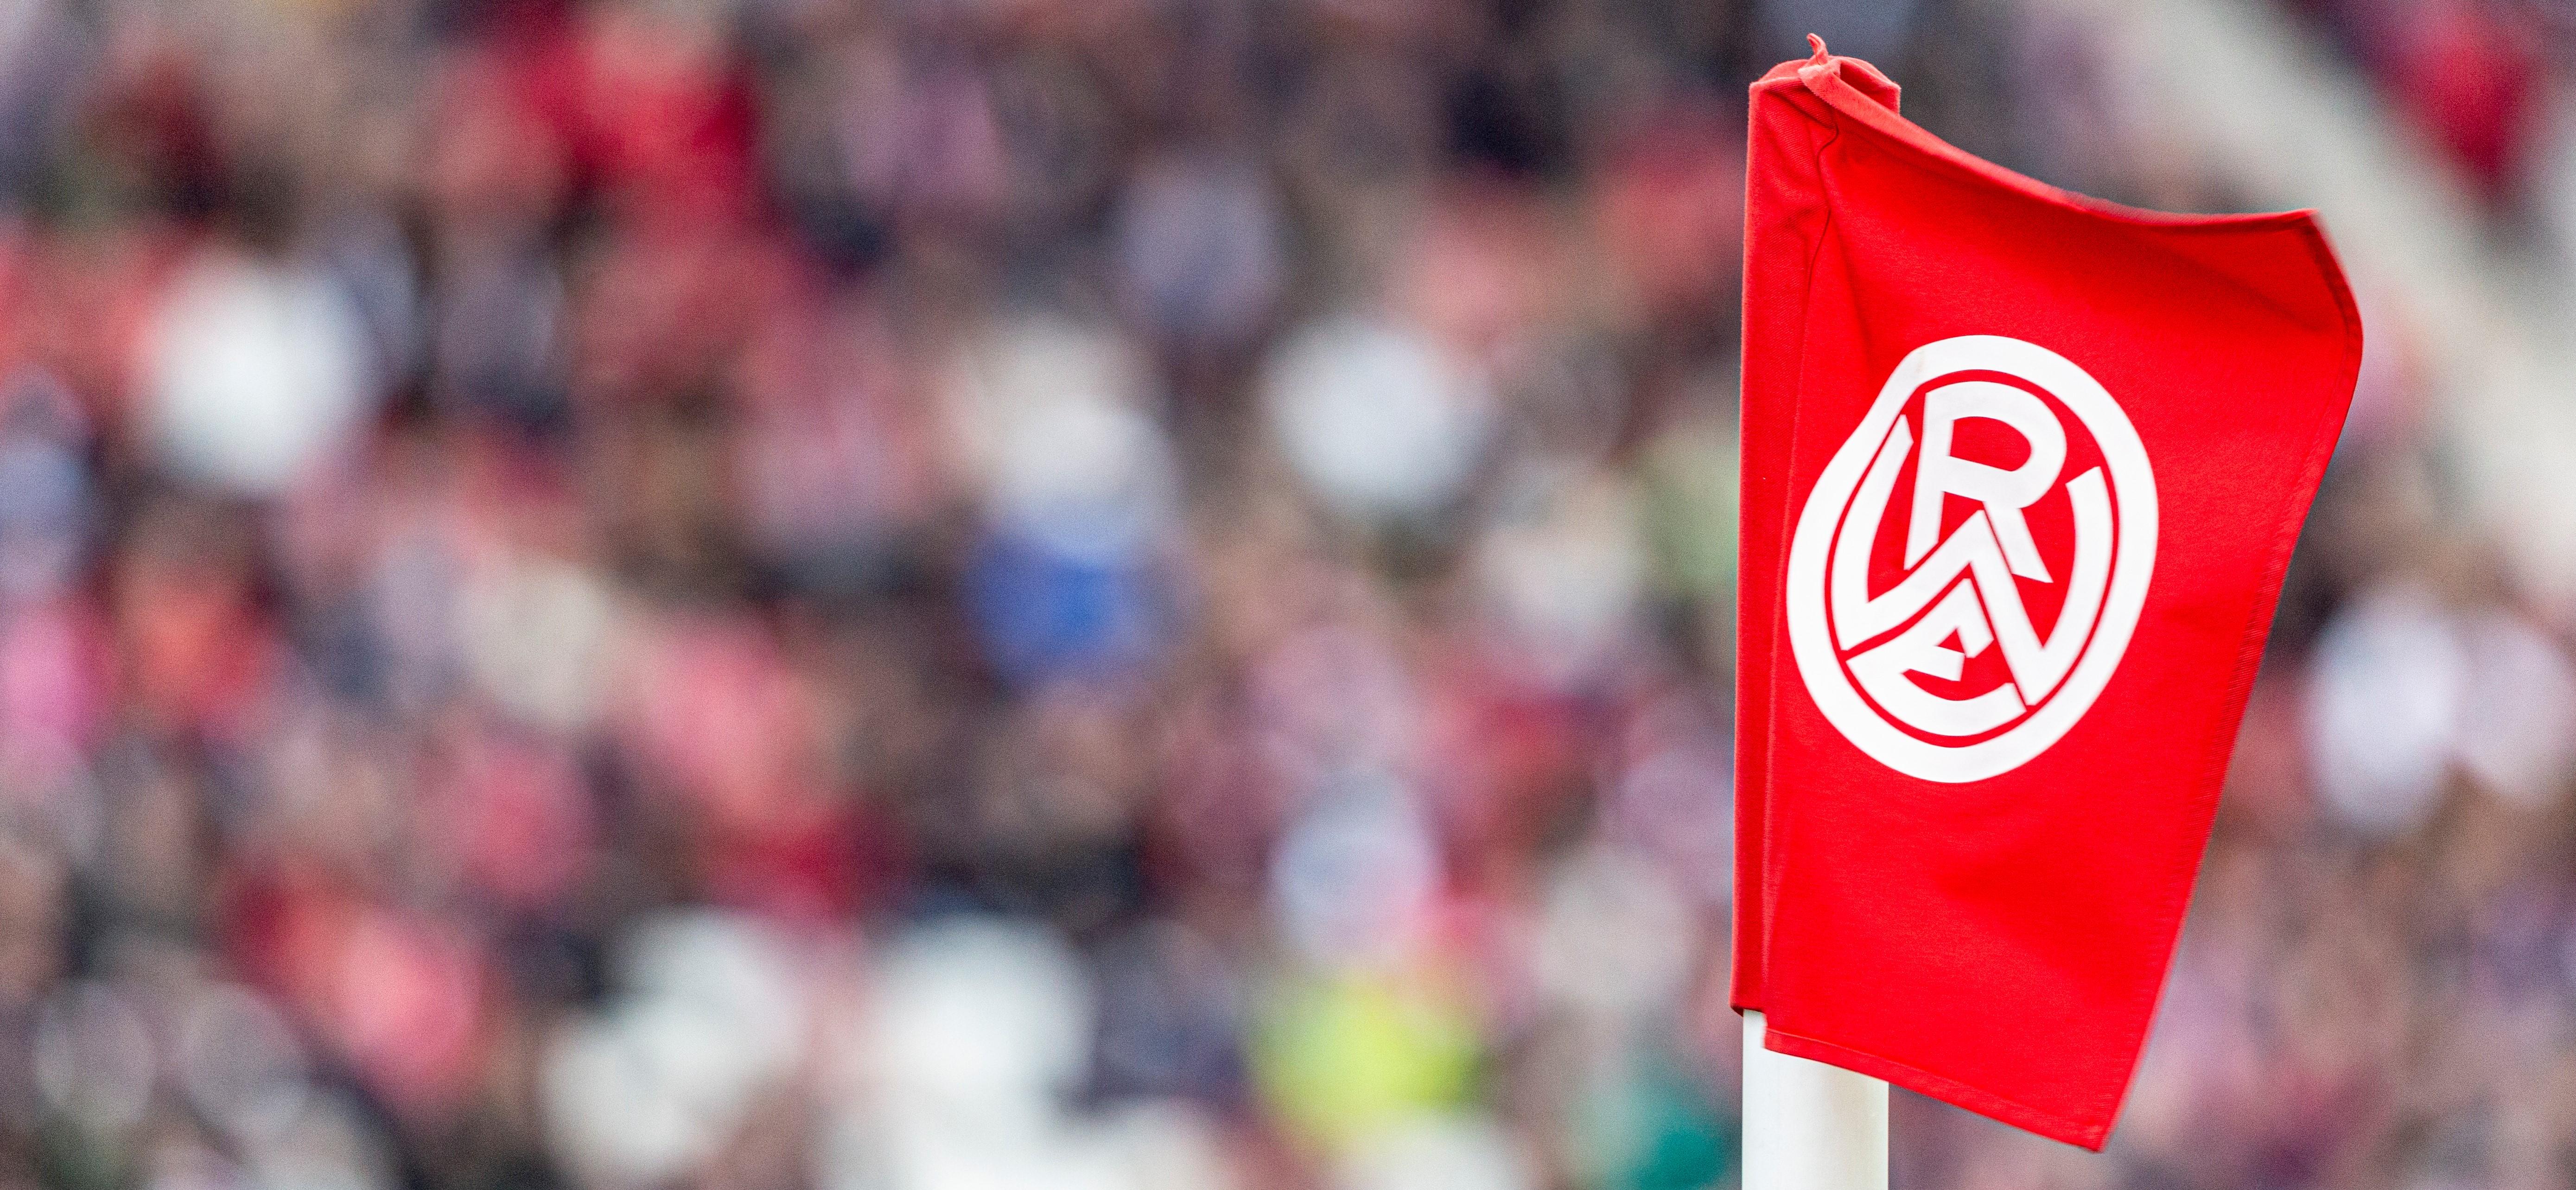 Zum Spiel morgen gegen Fortuna Düsseldorf U23 ist jeder einzelne Stadionbesucher dazu aufgerufen, sich konsequent an sämtliche geltende Hygieneauflagen zu halten!